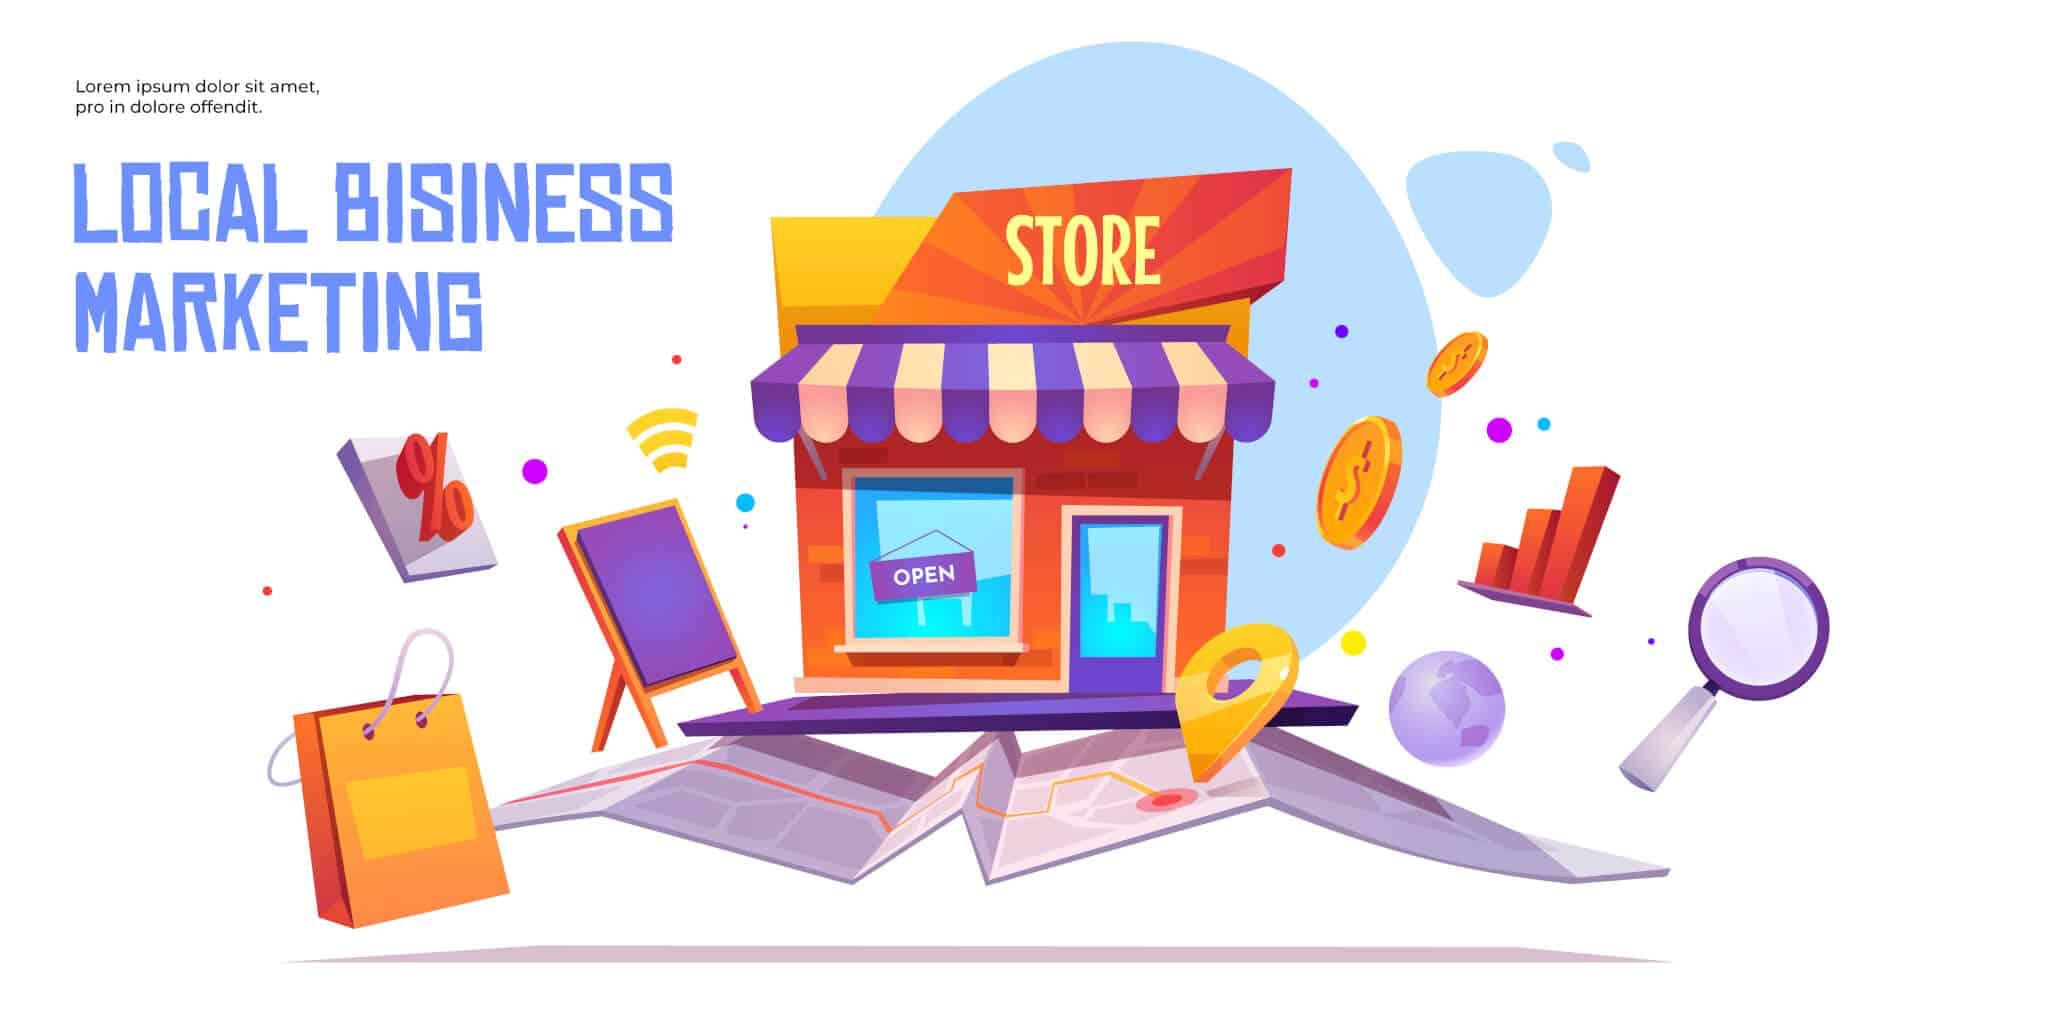 קידום עסקים קטנים ובינוניים - מאמר של קורנגה שיווק דיגיטלי